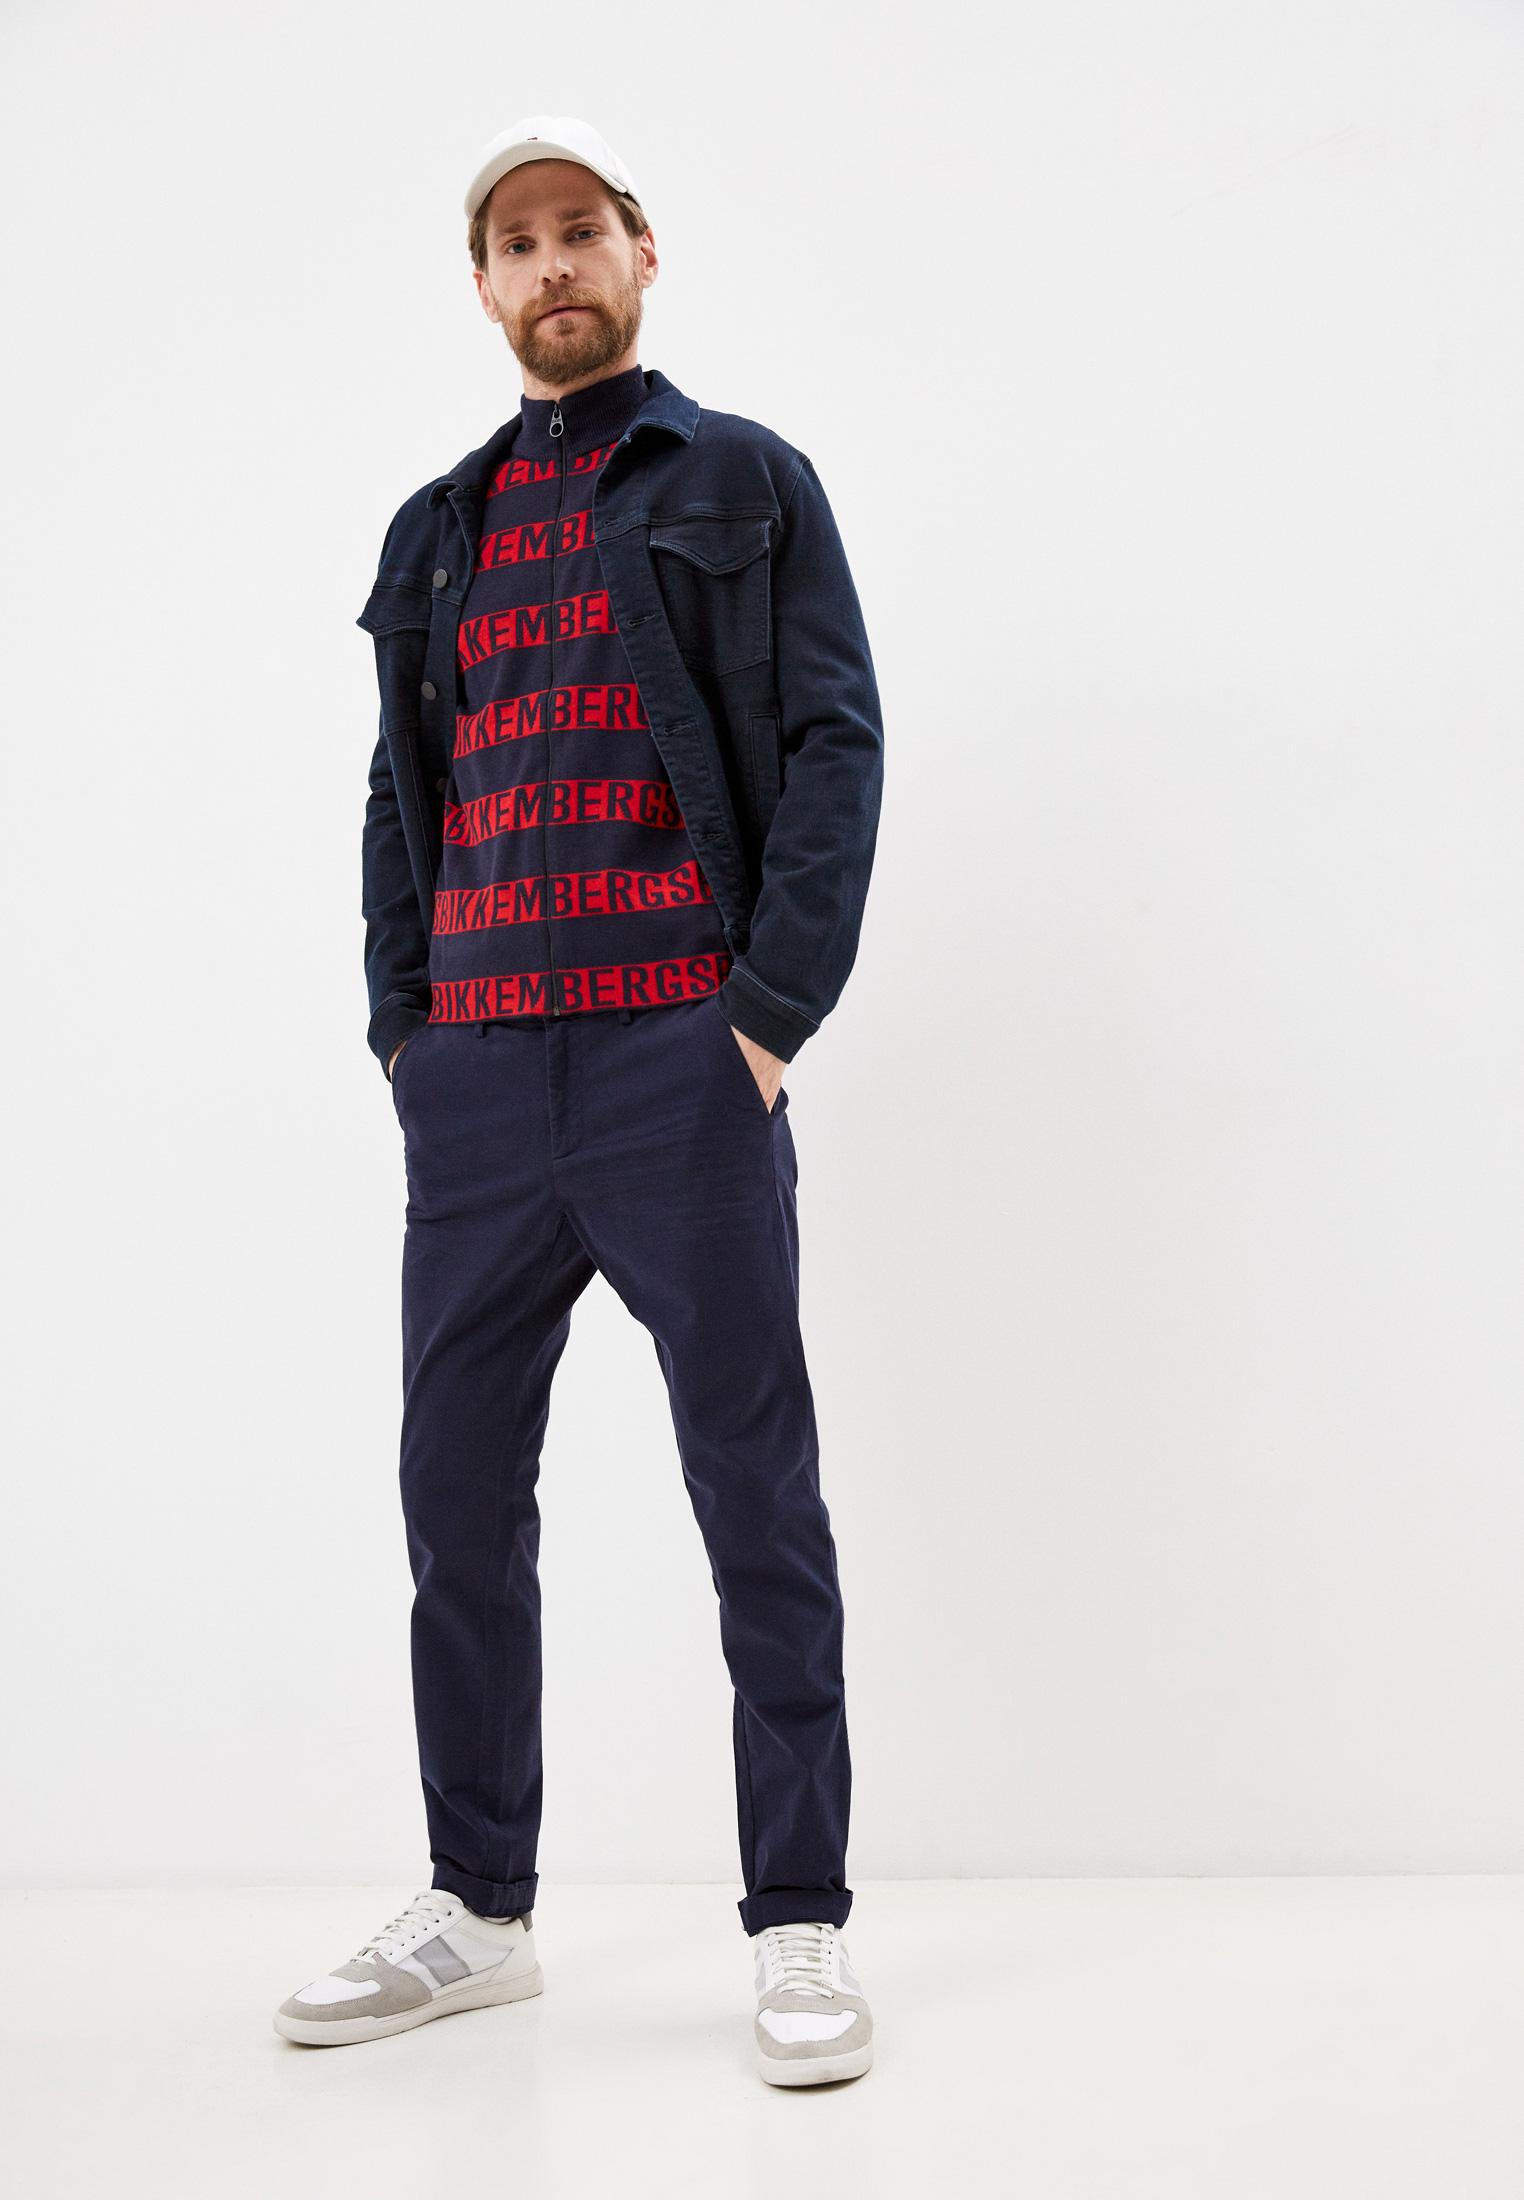 Мужские повседневные брюки Bikkembergs (Биккембергс) C P 001 15 S 3279: изображение 3